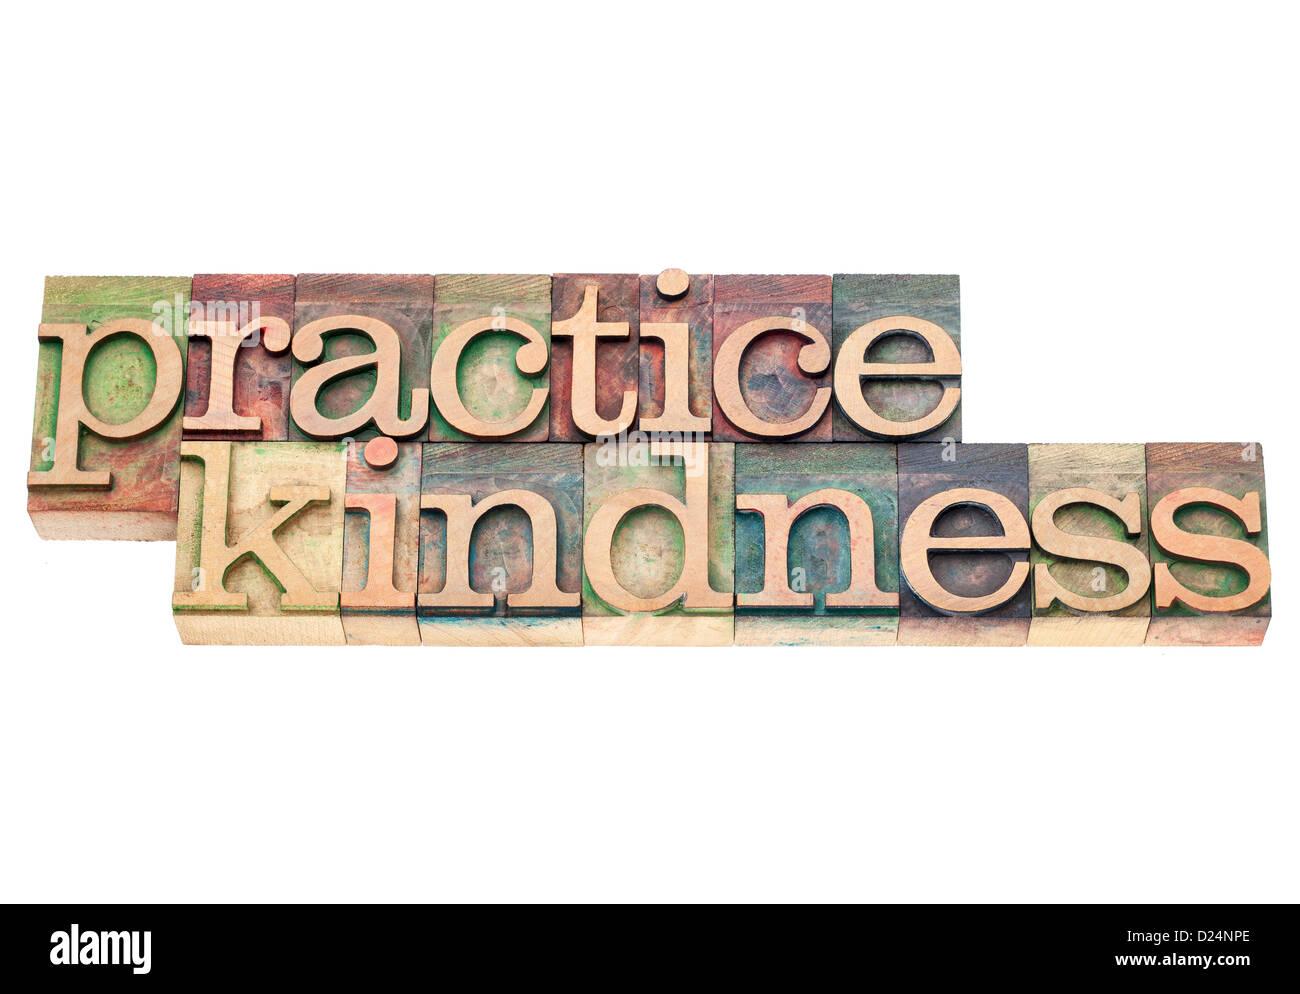 Pratica gentilezza - testo isolato in rilievografia vintage tipo legno blocchi di stampa Immagini Stock